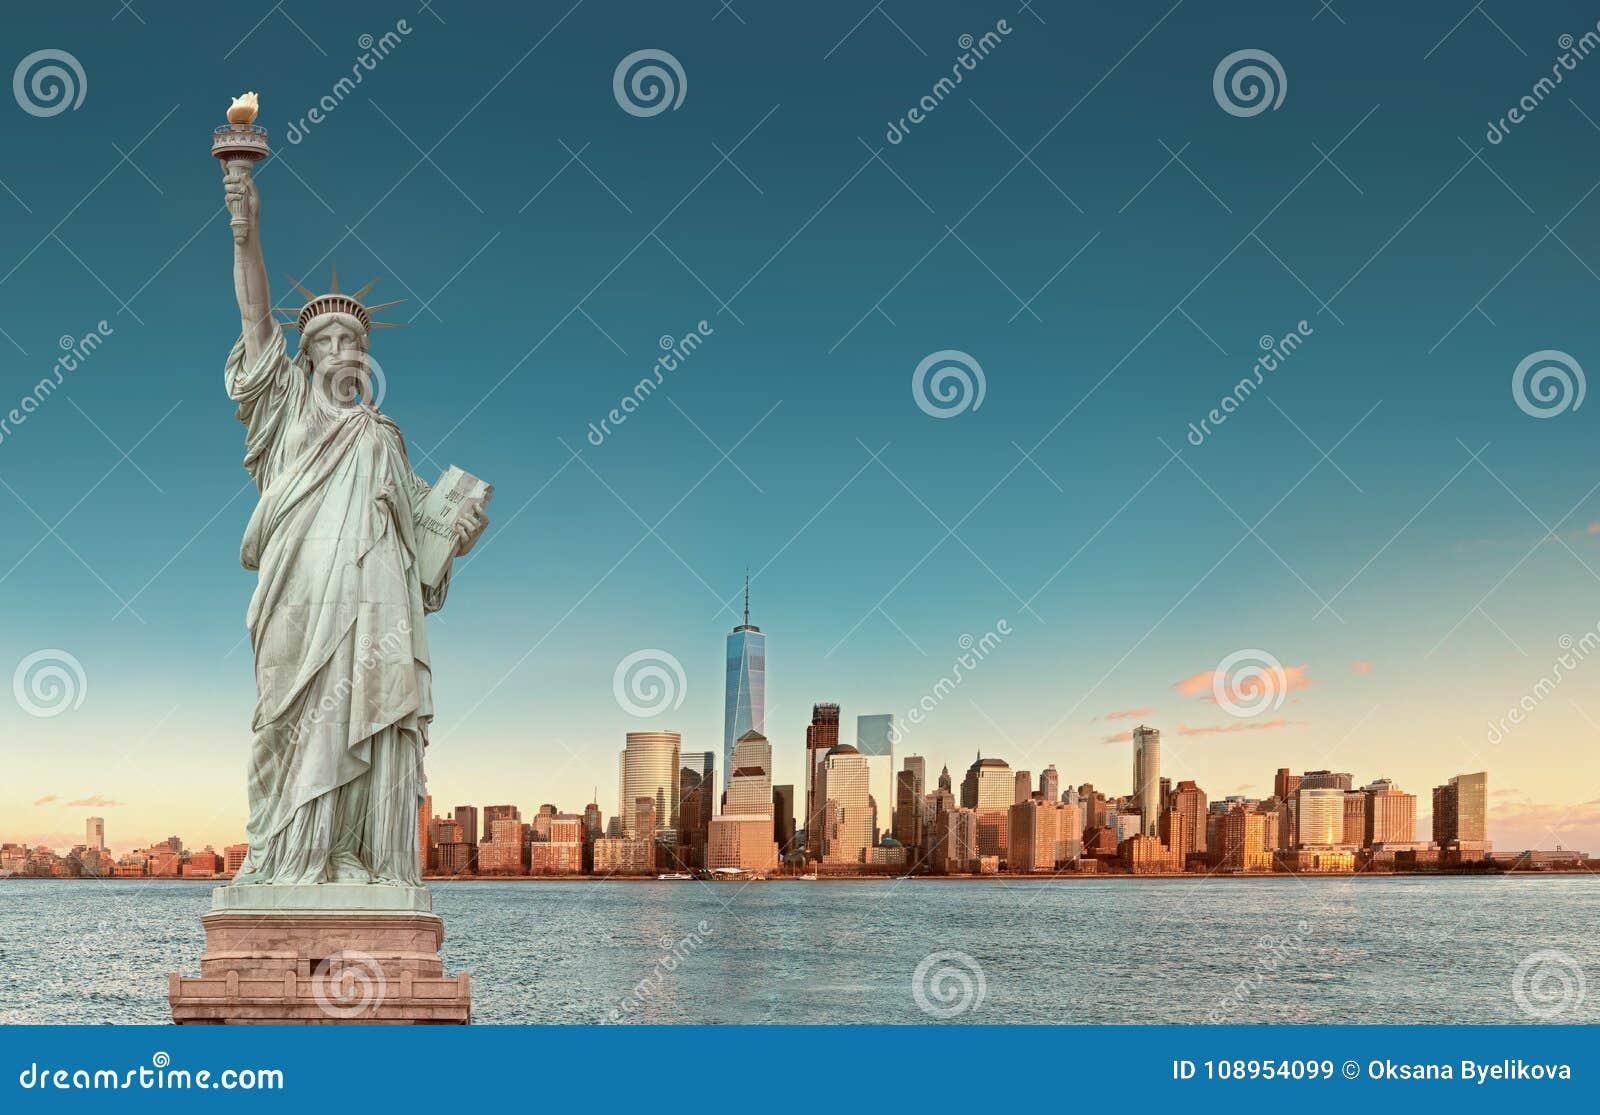 Manhattan-Skyline mit dem Freiheitsstatuen, New York City USA